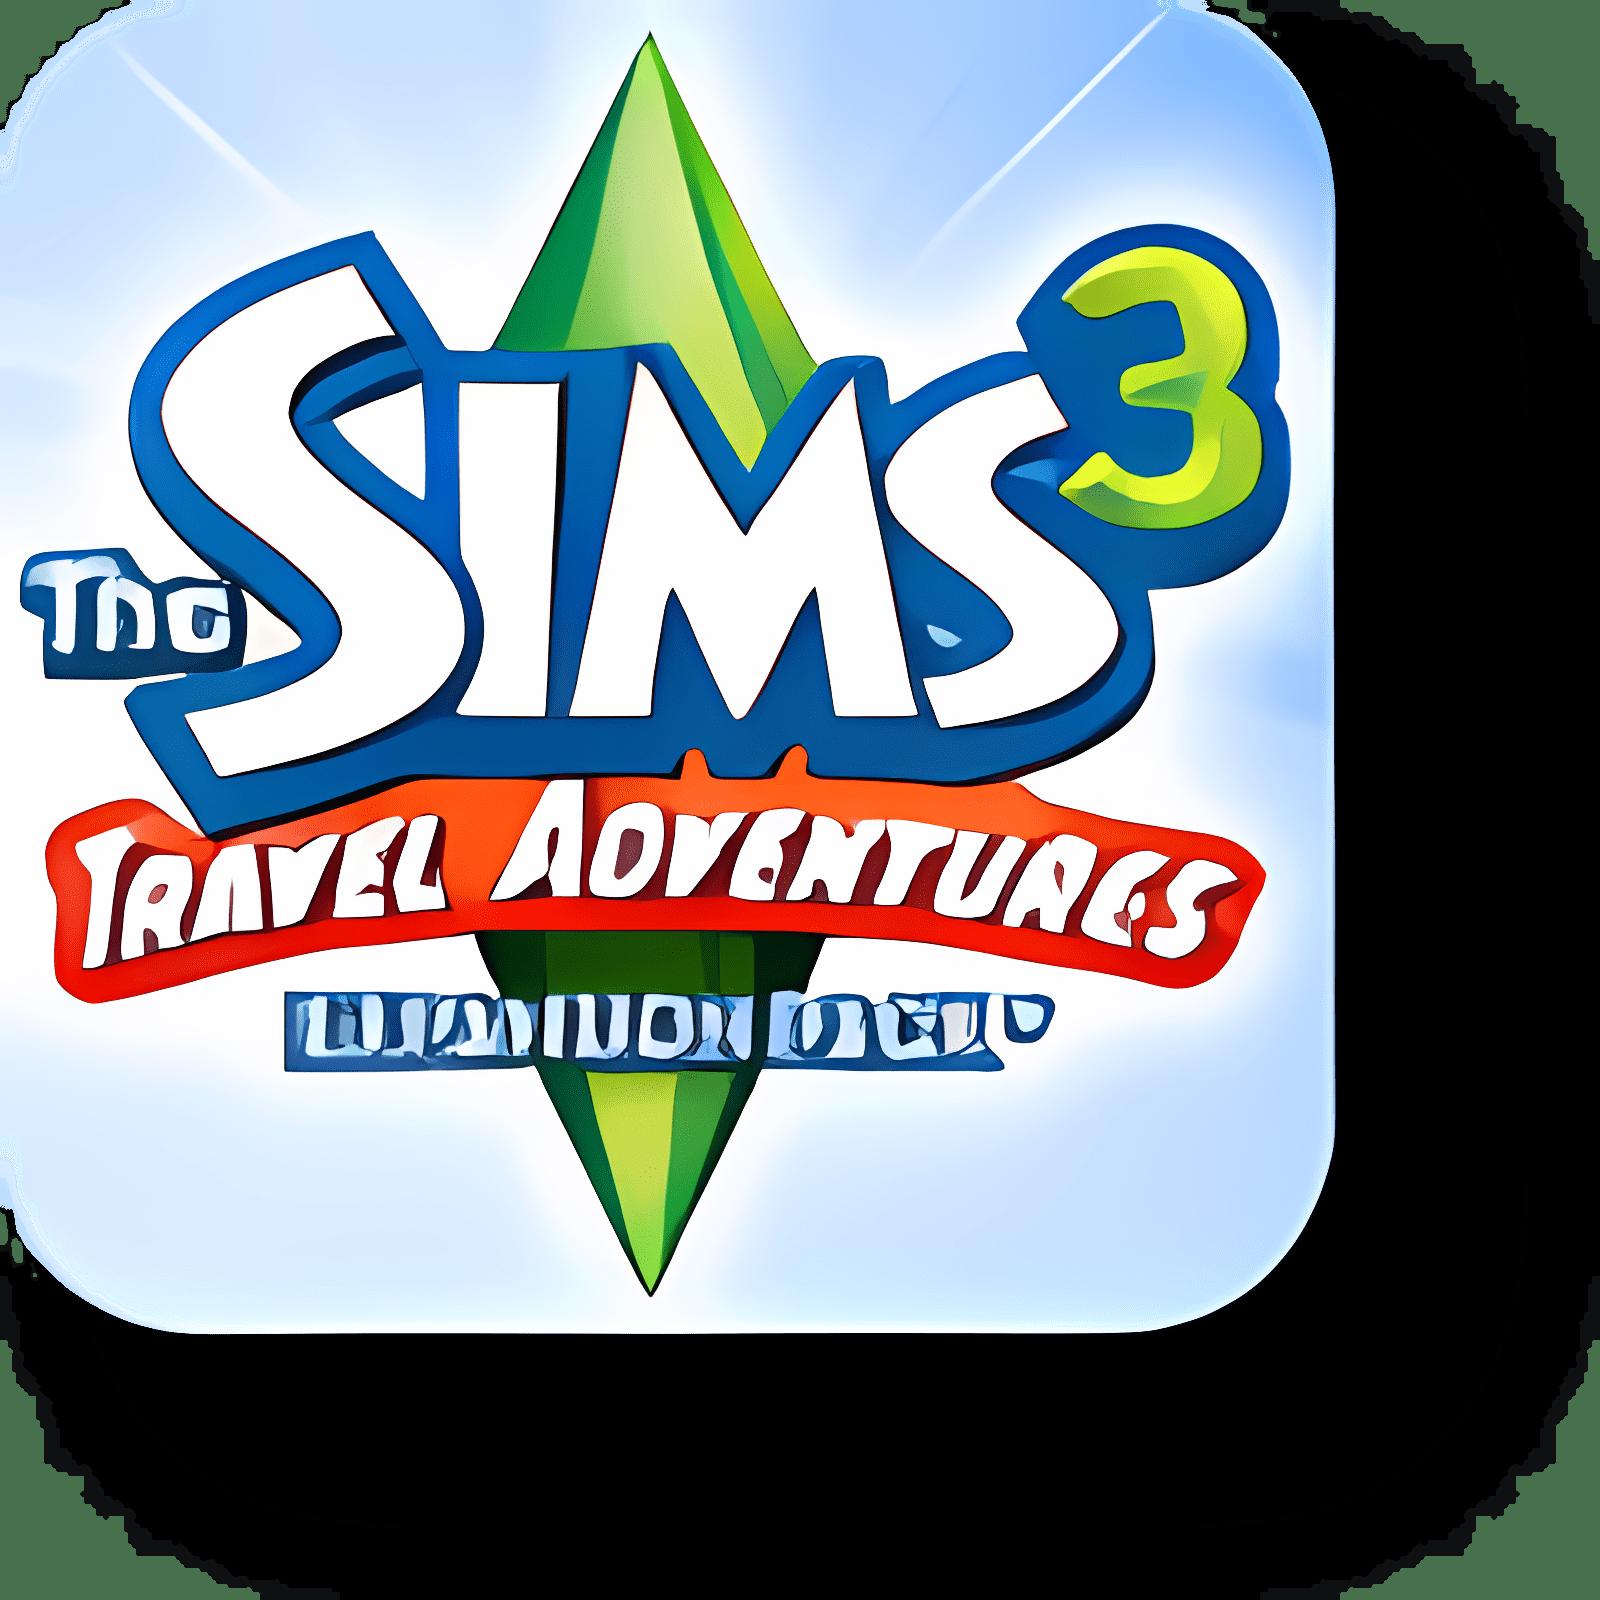 Les Sims 3: Destination Aventure